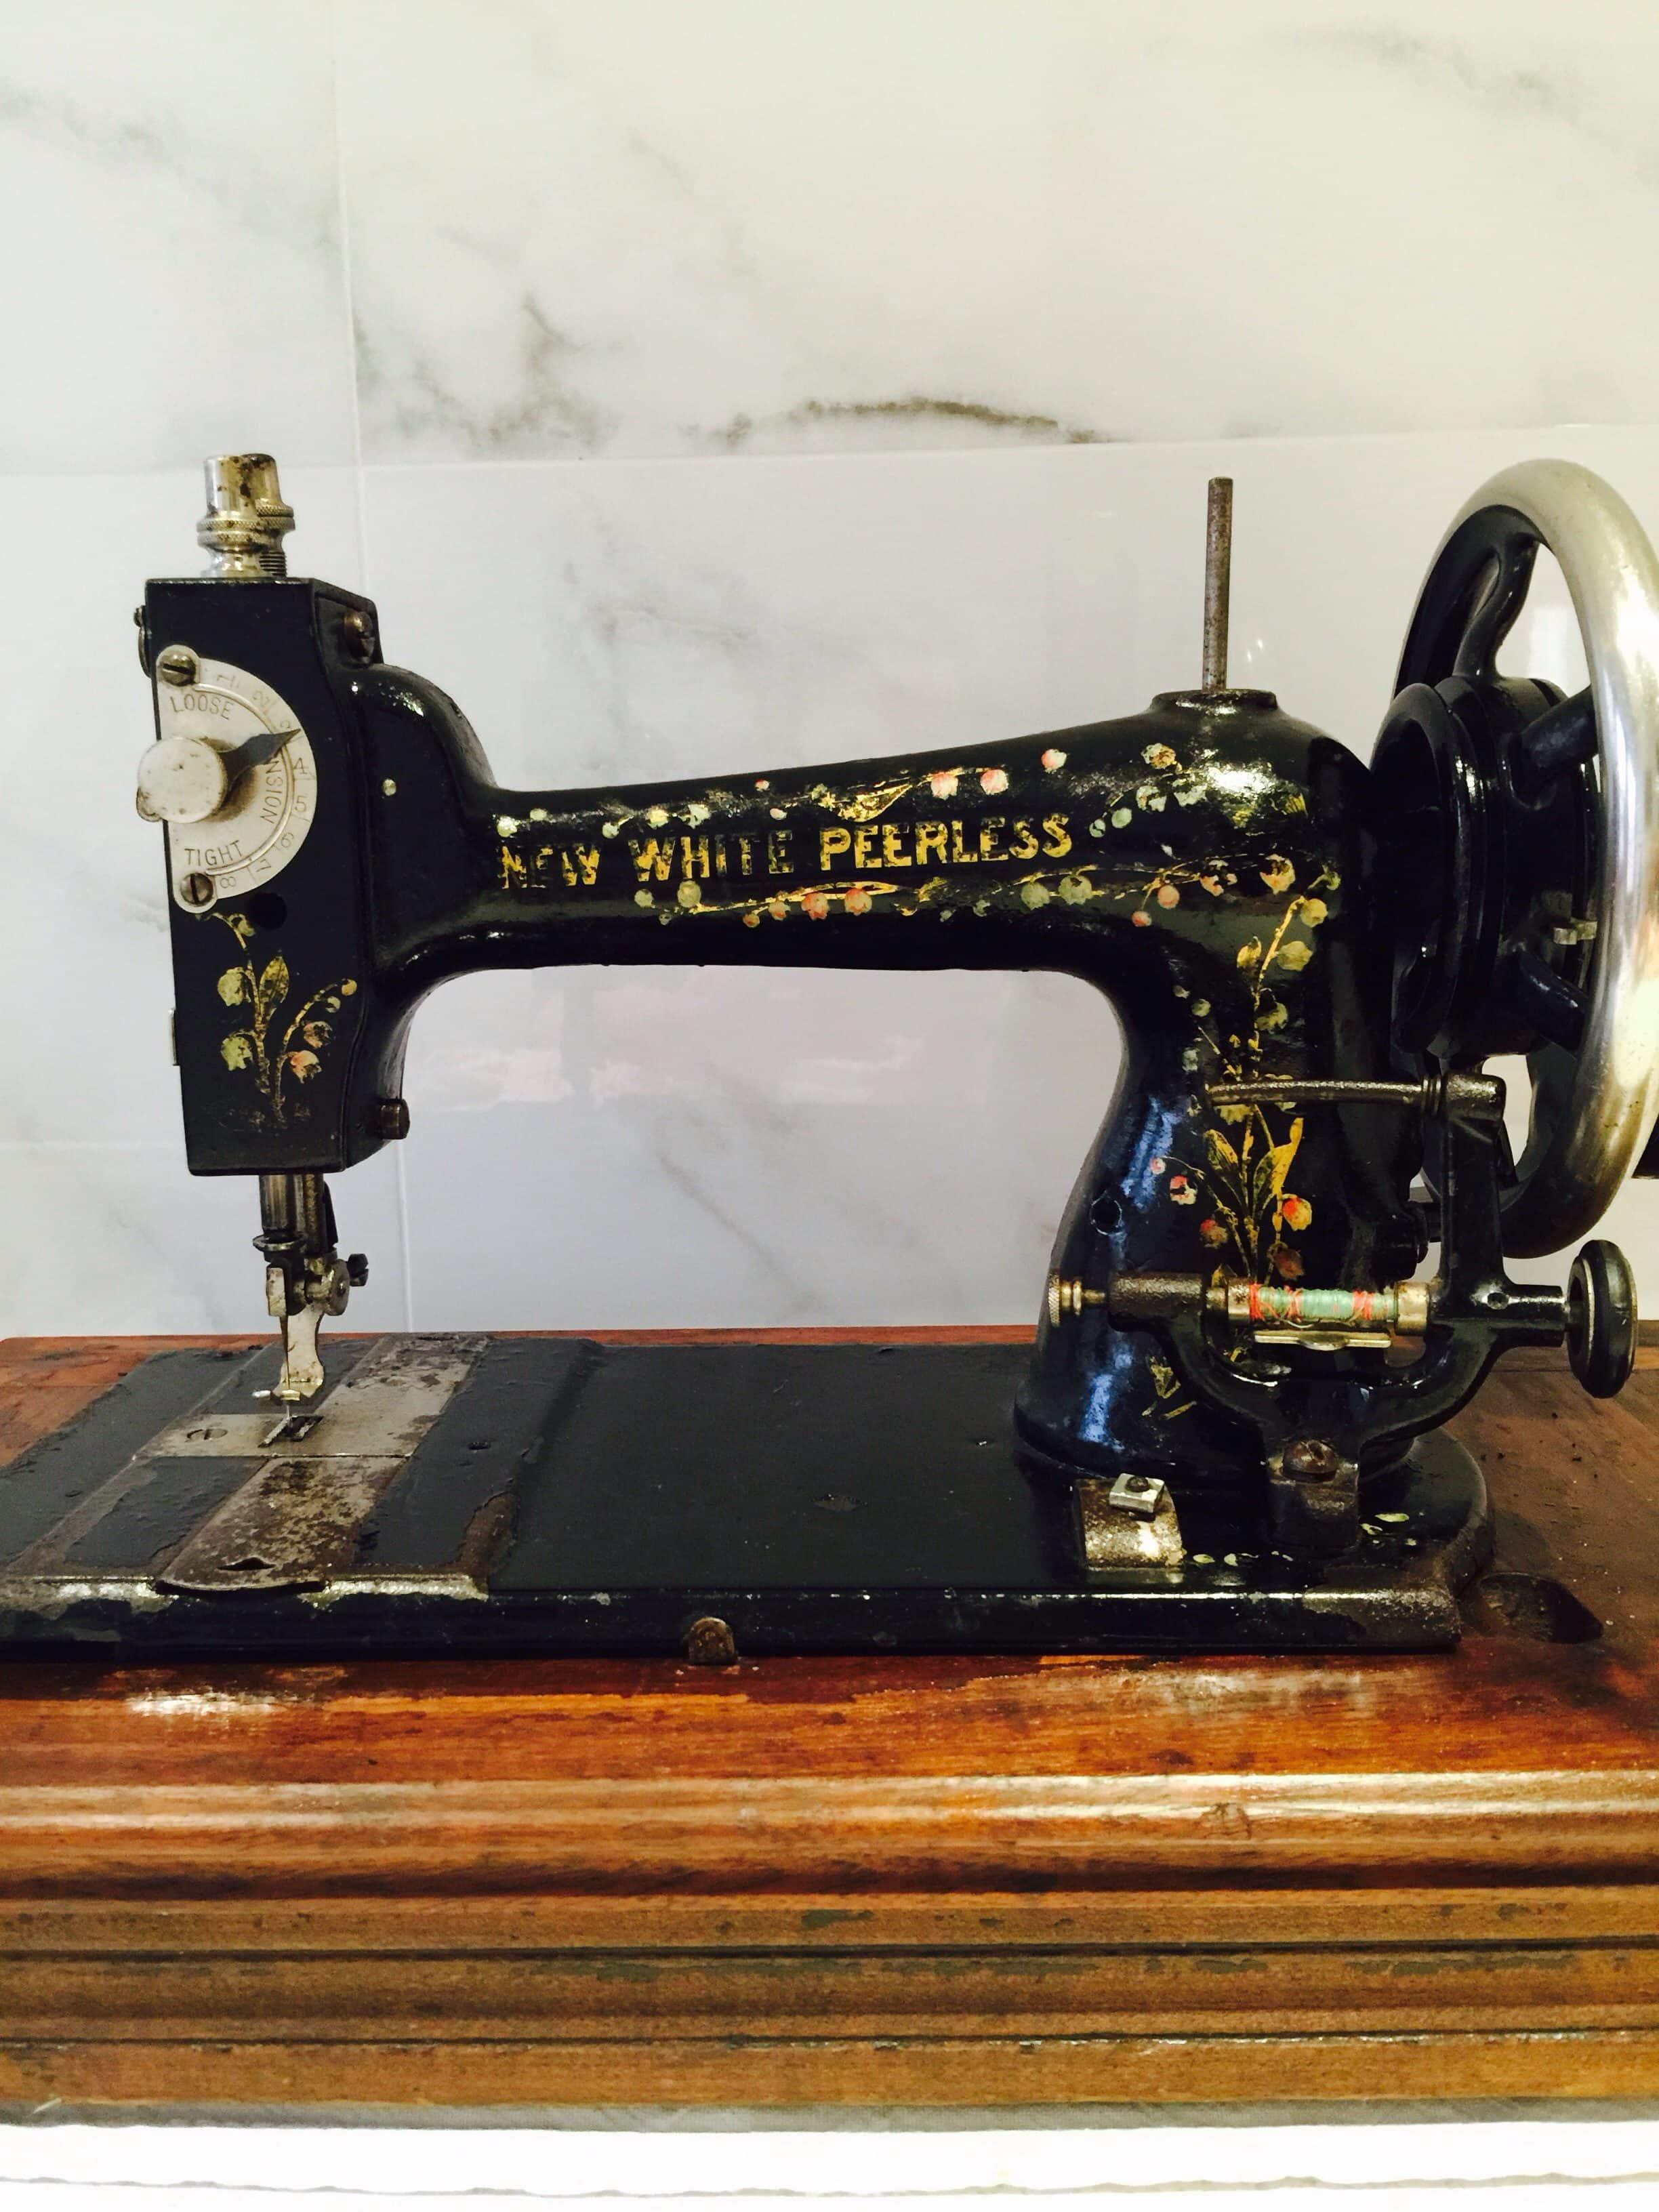 New White Peerless Antique Sewing Machine - susies-scraps.com